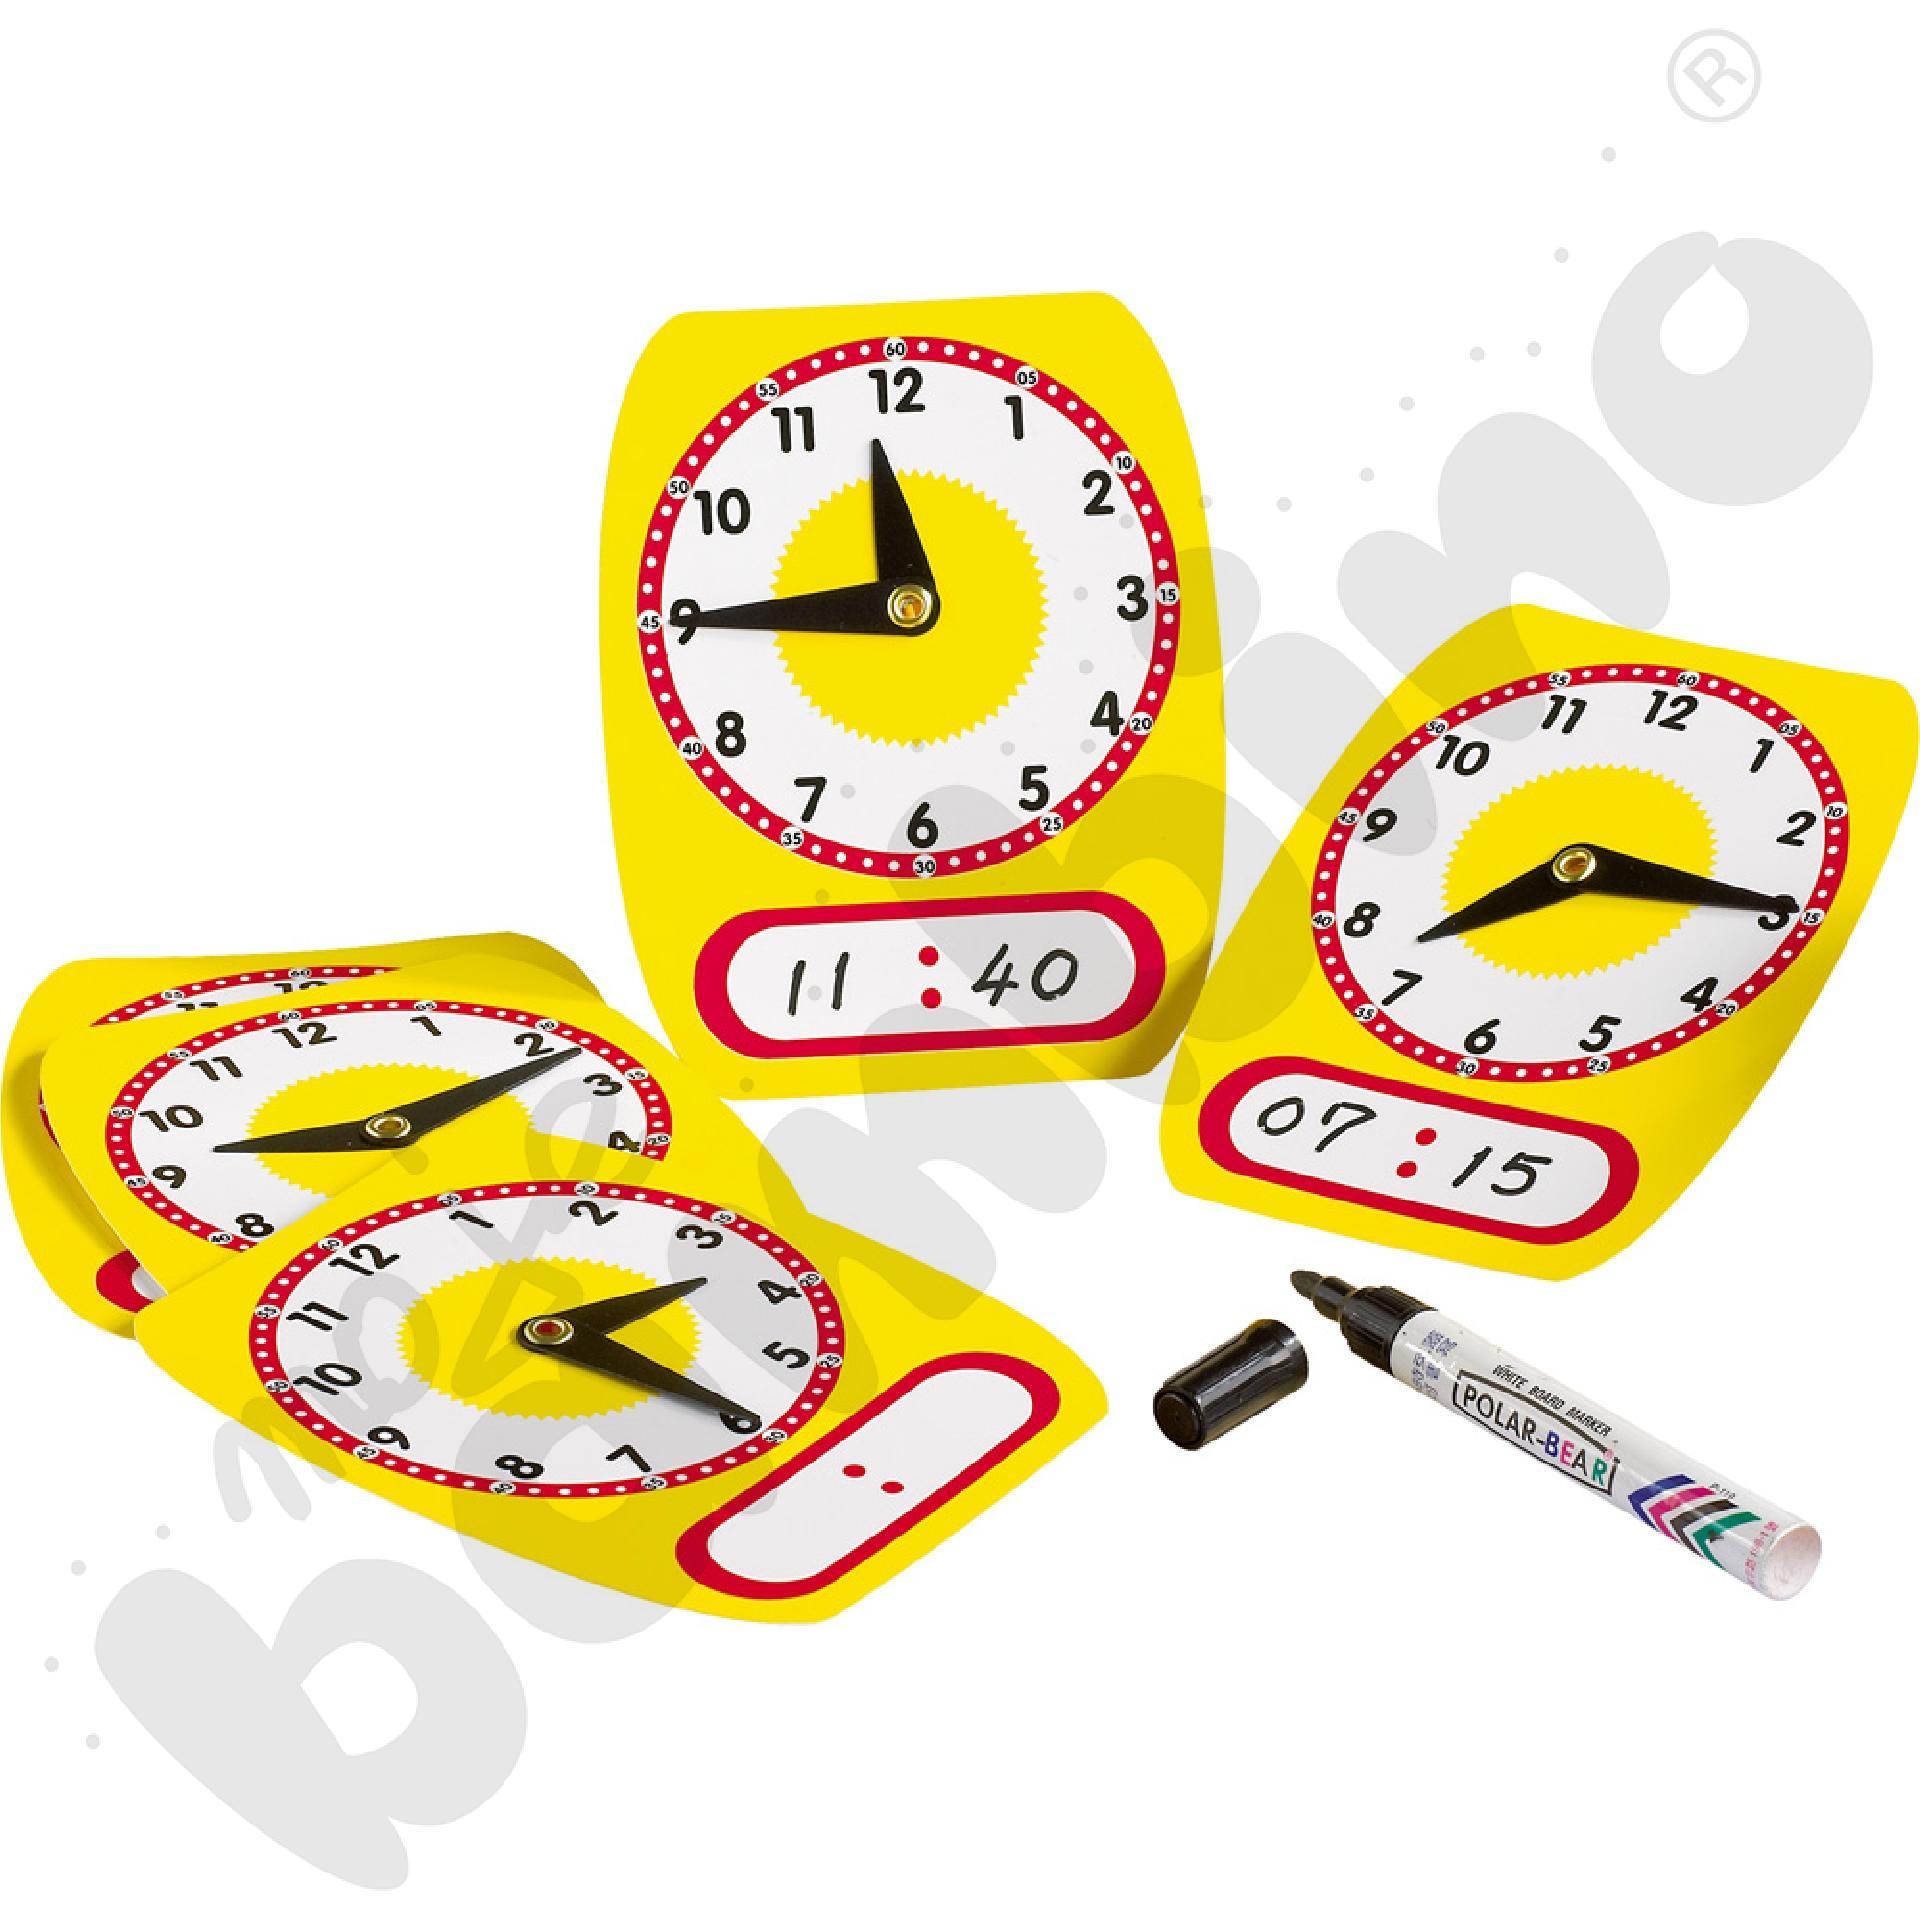 Małe zegary edukacyjne